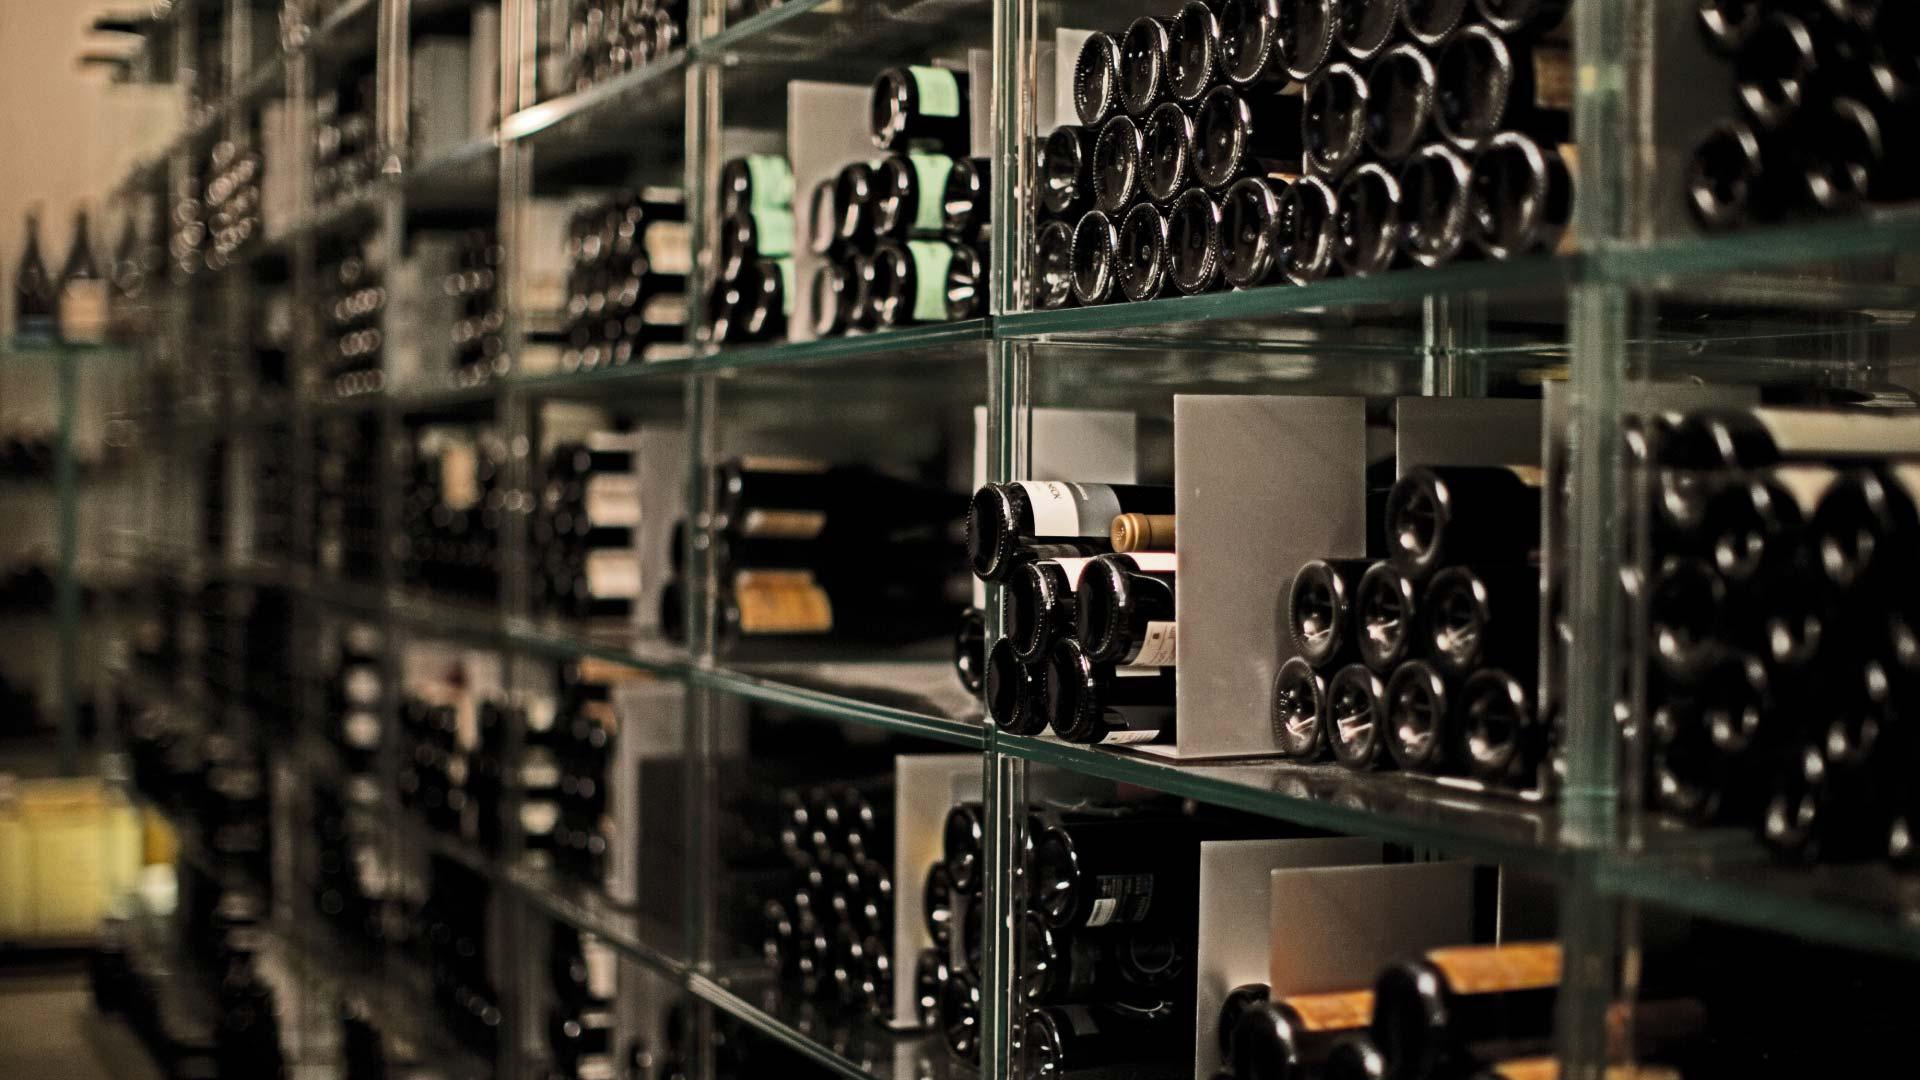 Росалкогольрегулирование разъяснило требования Минфина к складам и условиям хранения алкоголя